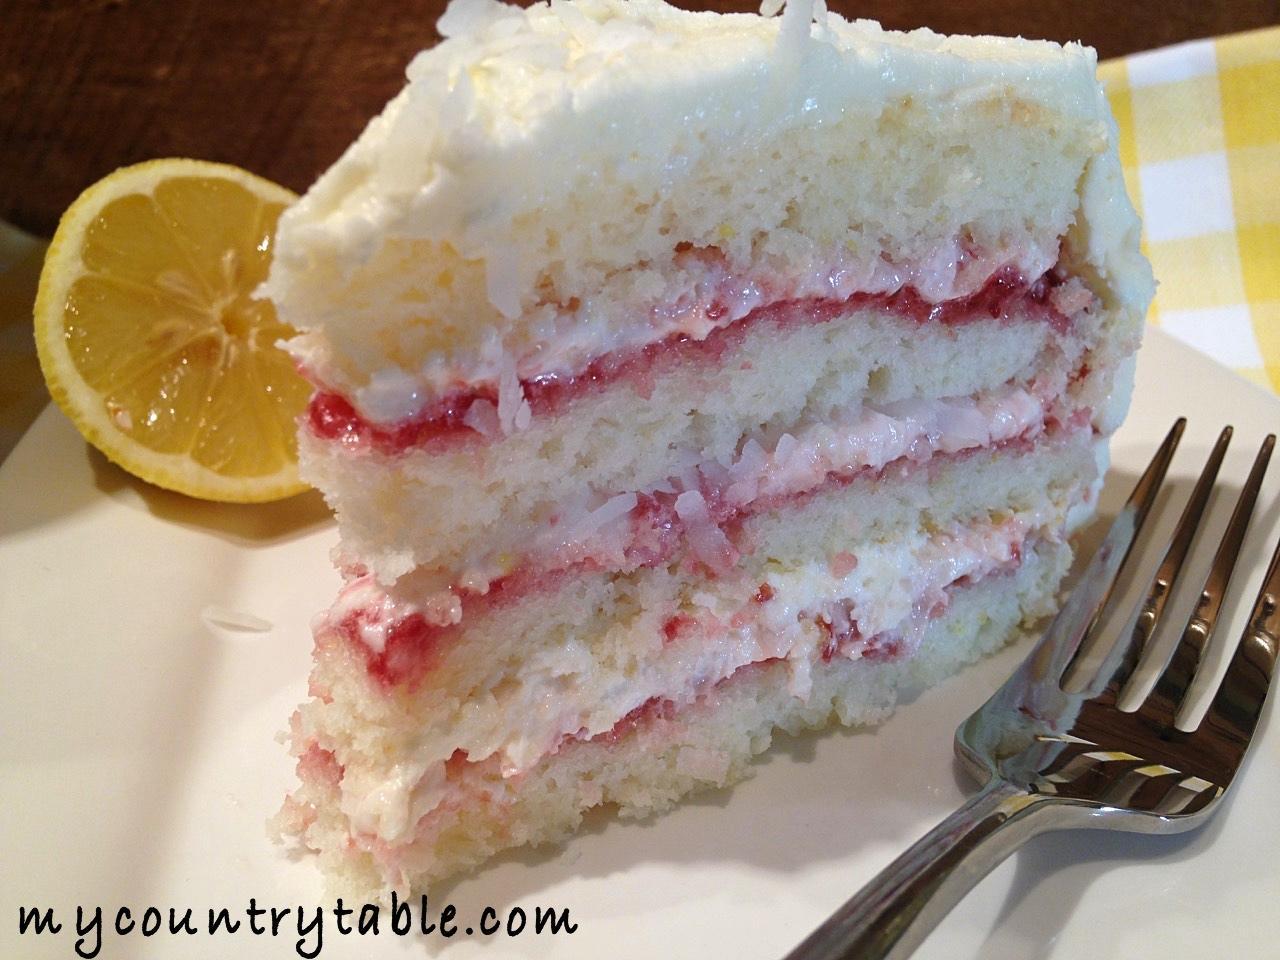 Lemon Cake Recipes On Pinterest: Coconut Raspberry Lemon Cake